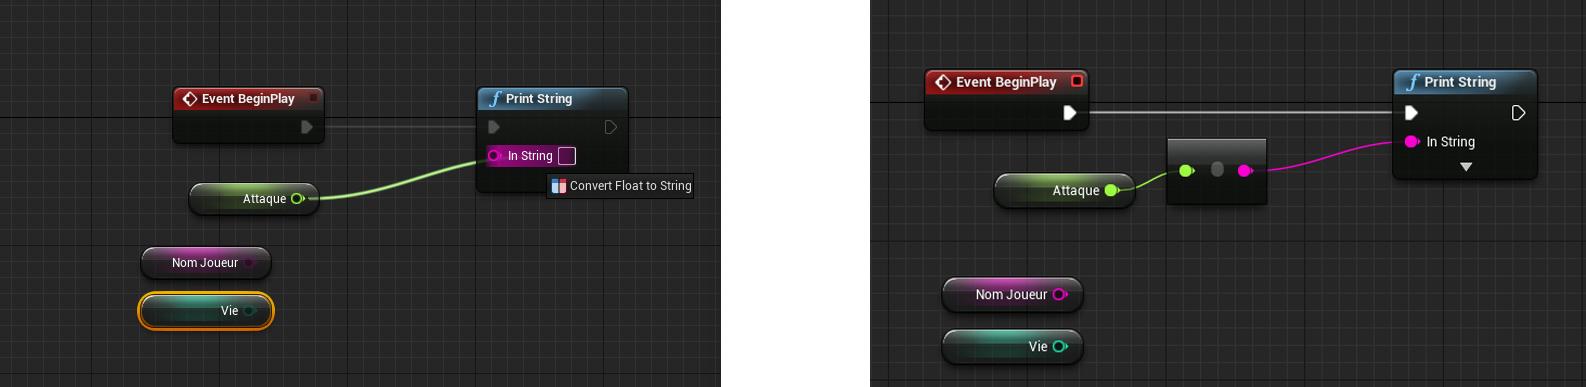 Réalisation d'une conversion d'une variable de type float en type string